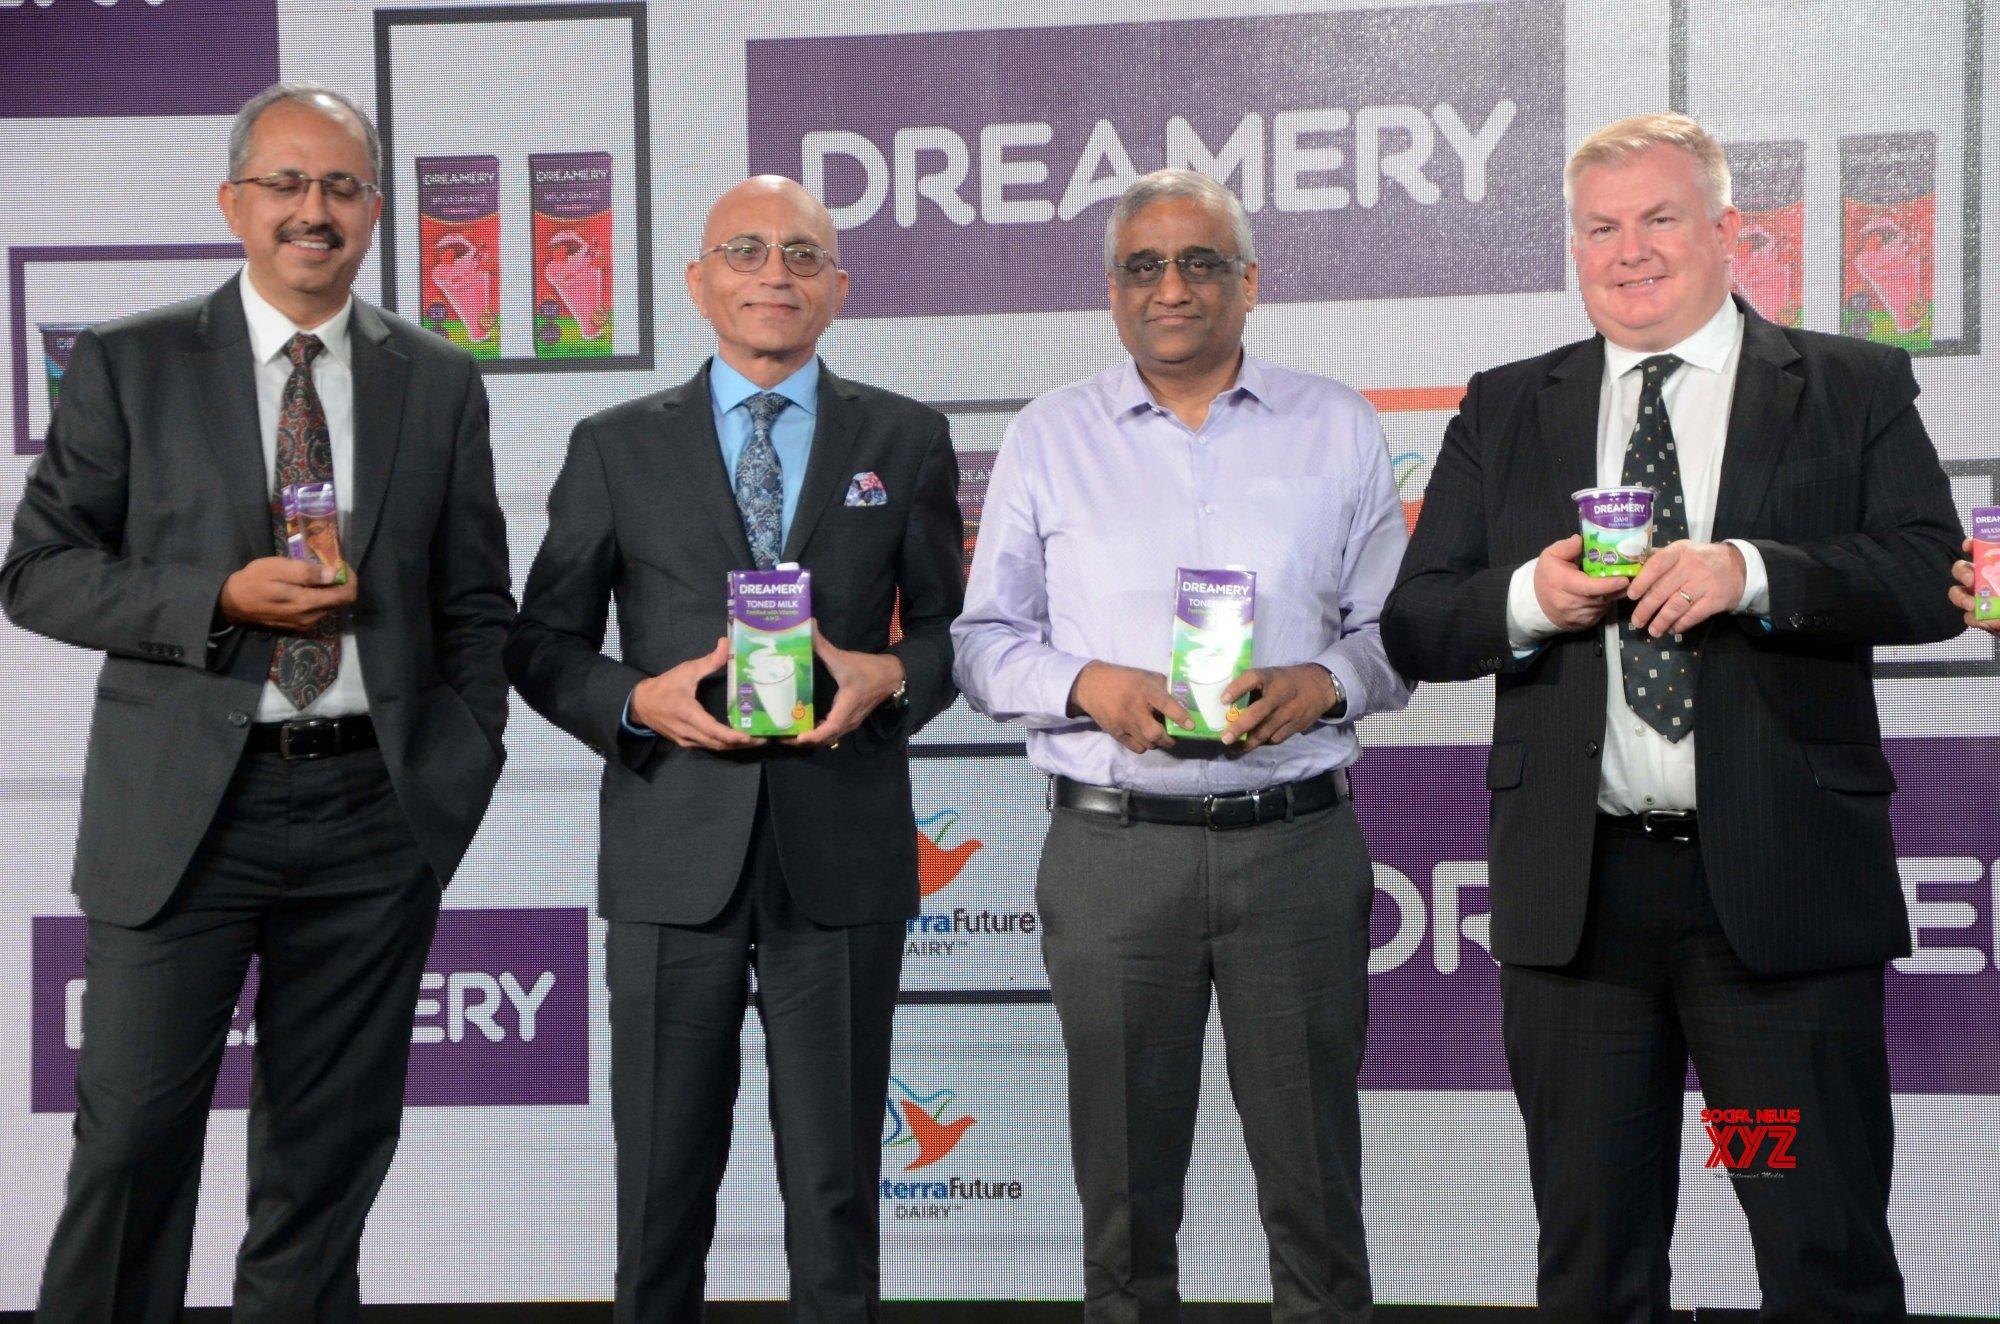 Mumbai: Fonterra Future launches dairy brand Dreamery #Gallery